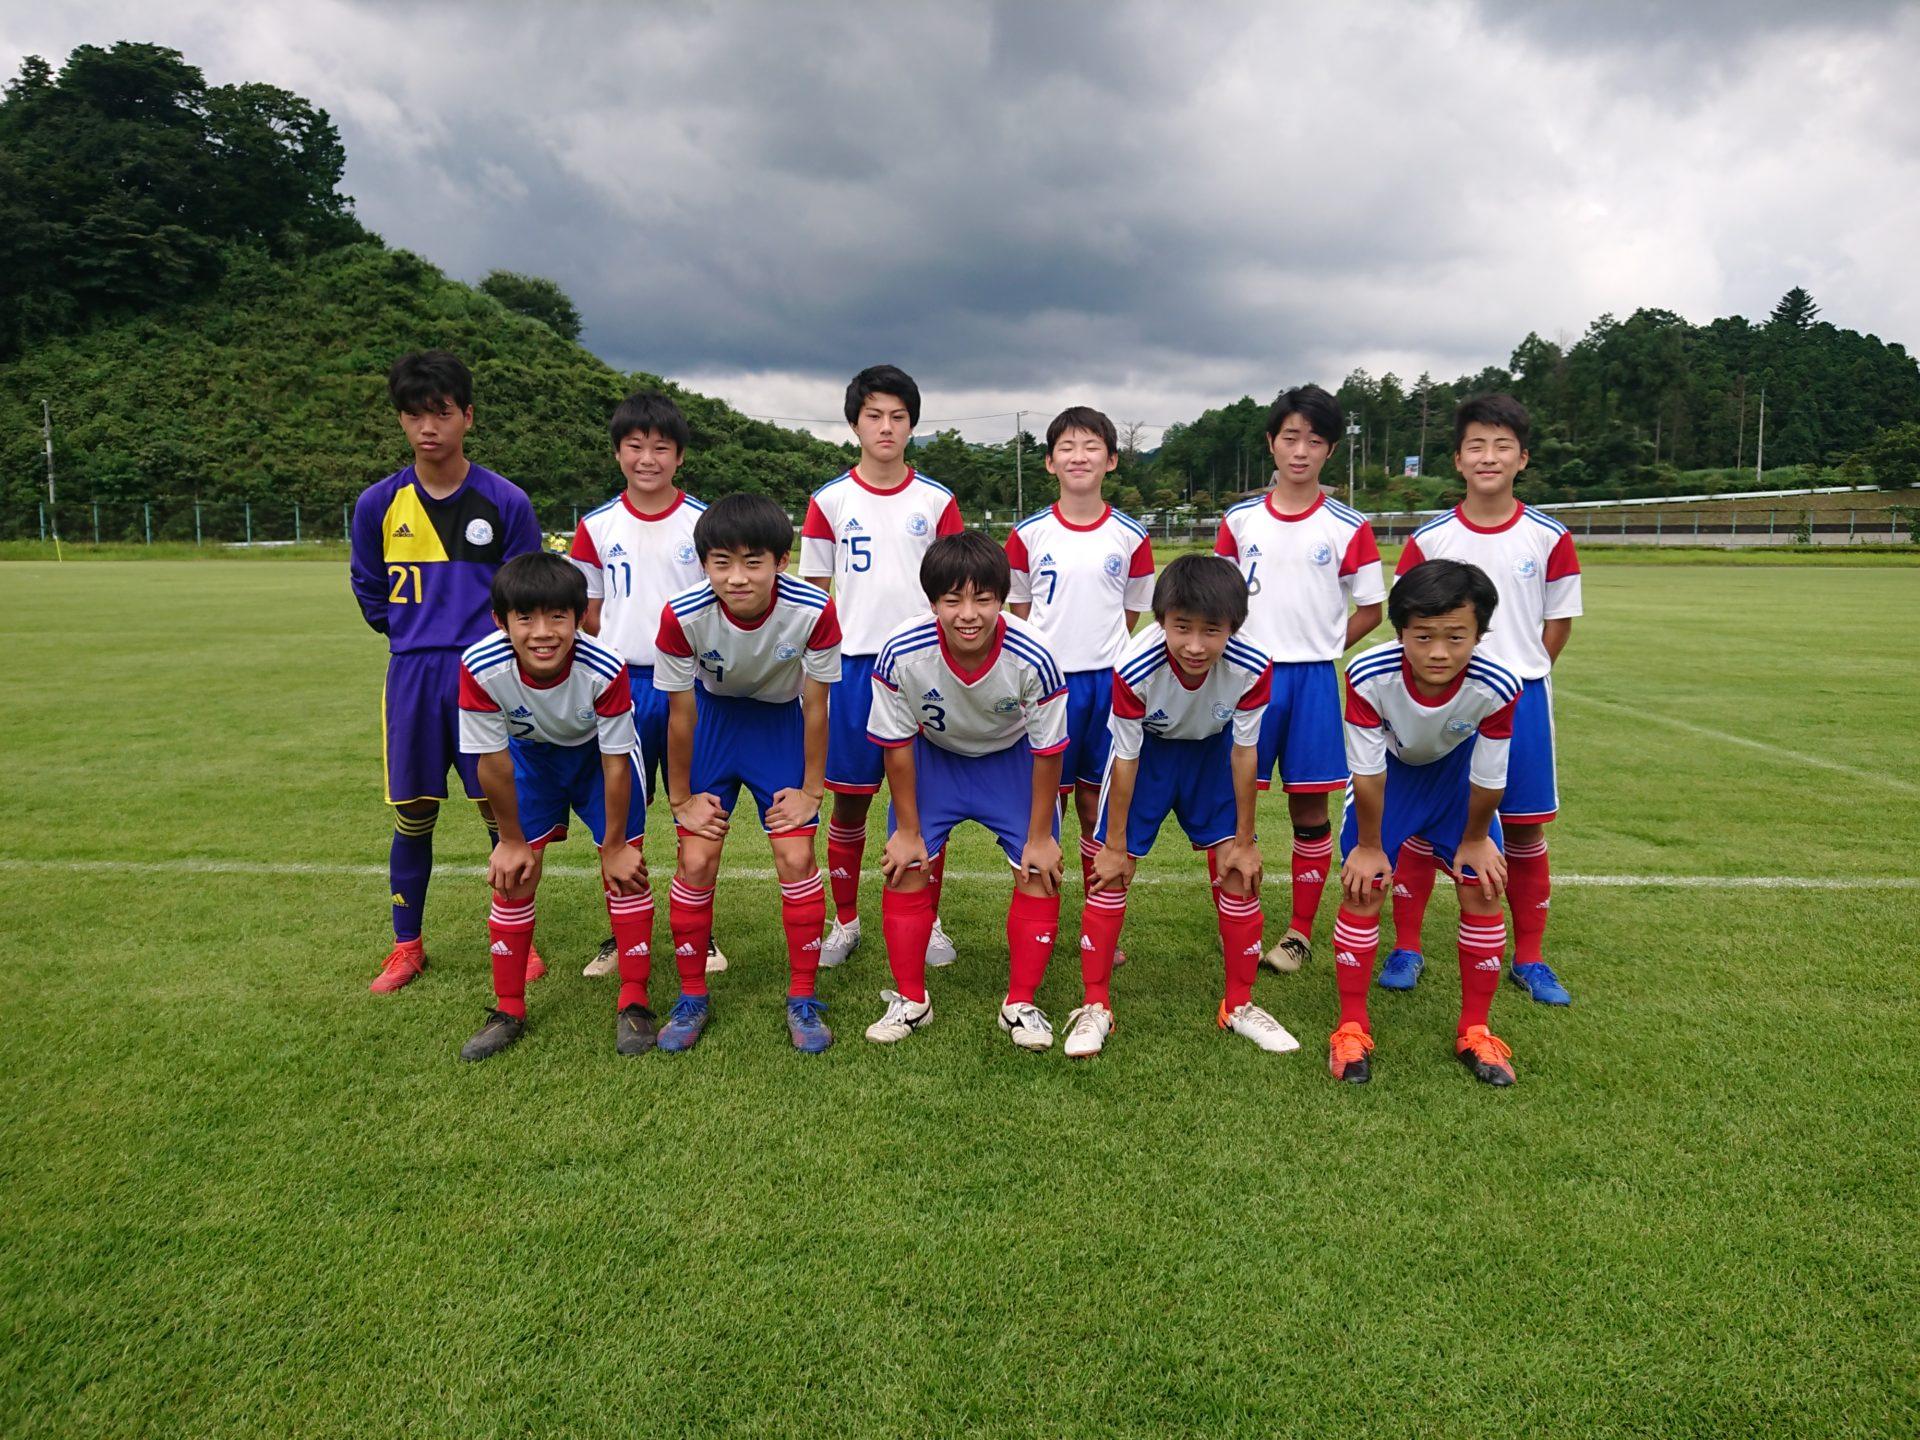 三多摩リーグU-14 vs ZION FC・TM vs トレドSC